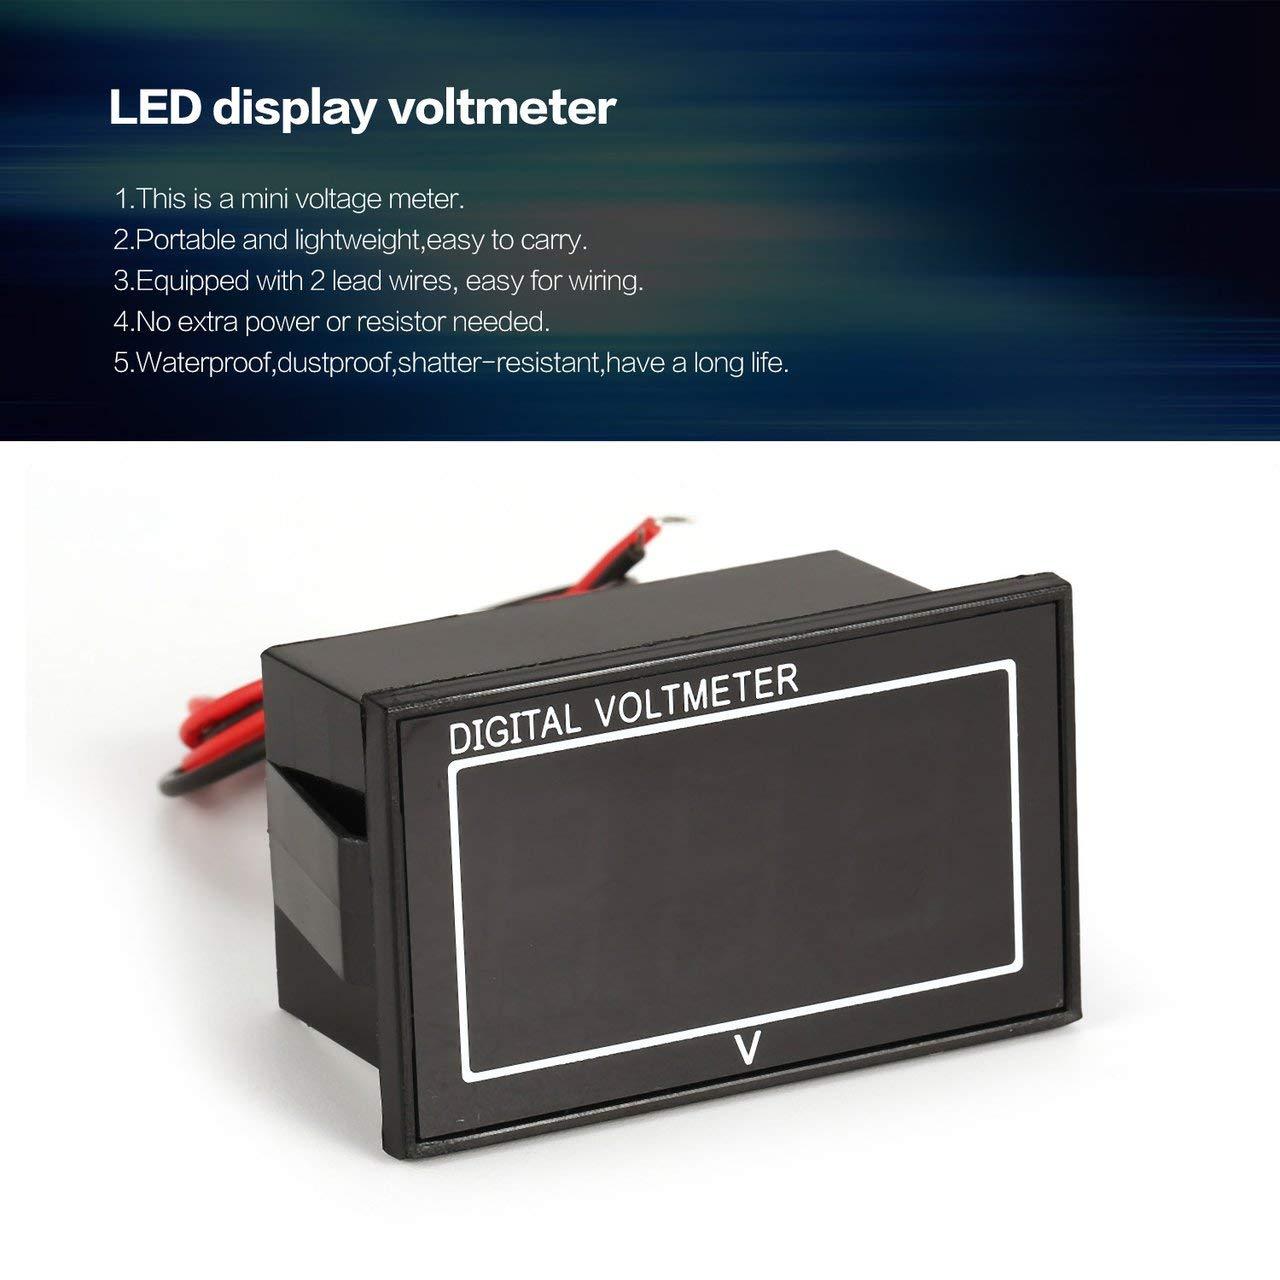 Jasnyfall 2.5-30V a mené la lumière rouge automatique de voiture d'appareil de contrôle de tension de voltmètre de voltmètre de panneau d'affichage numérique